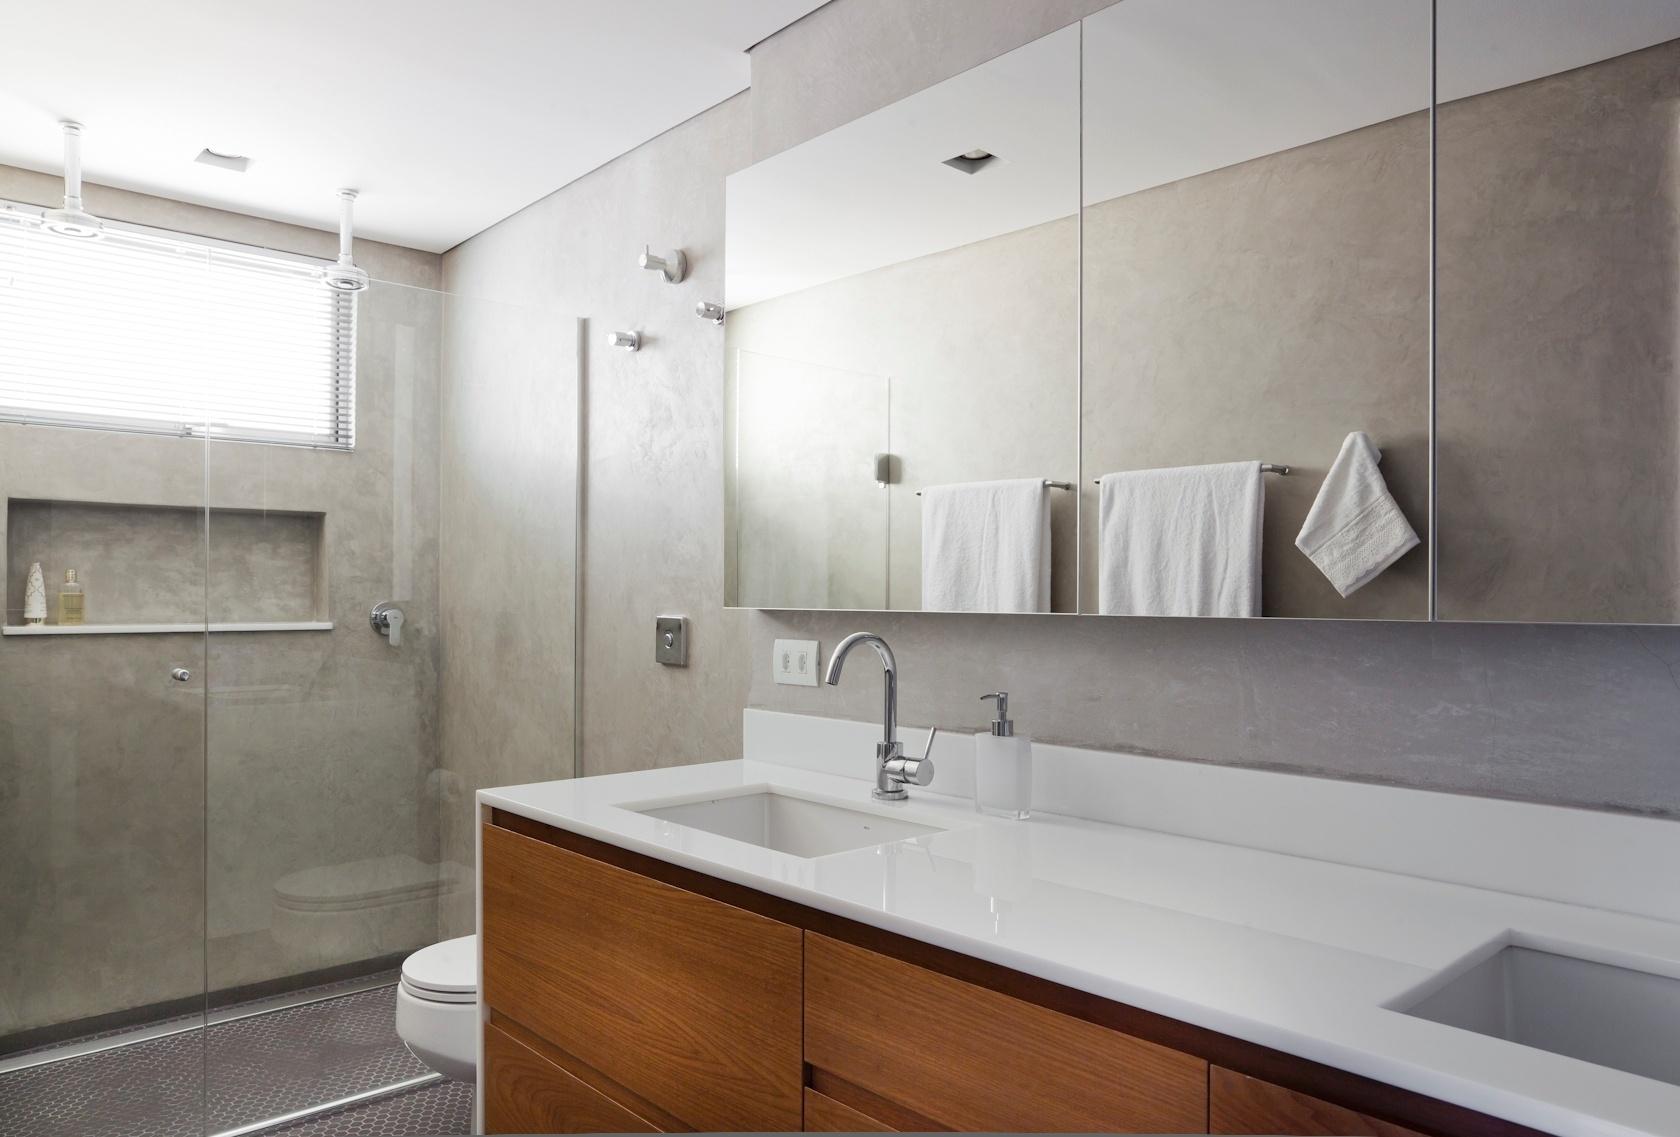 A grande parede de cimento queimado recebeu armários revestidos de espelhos, em projeto definido por Renato Dalla Marta, do AUM Arquitetos, para o banheiro do casal do apartamento no Paraíso, zona sul de São Paulo. O espaço conta com gabinete em madeira freijó e tampo de massa sintética de vidro, com duas cubas